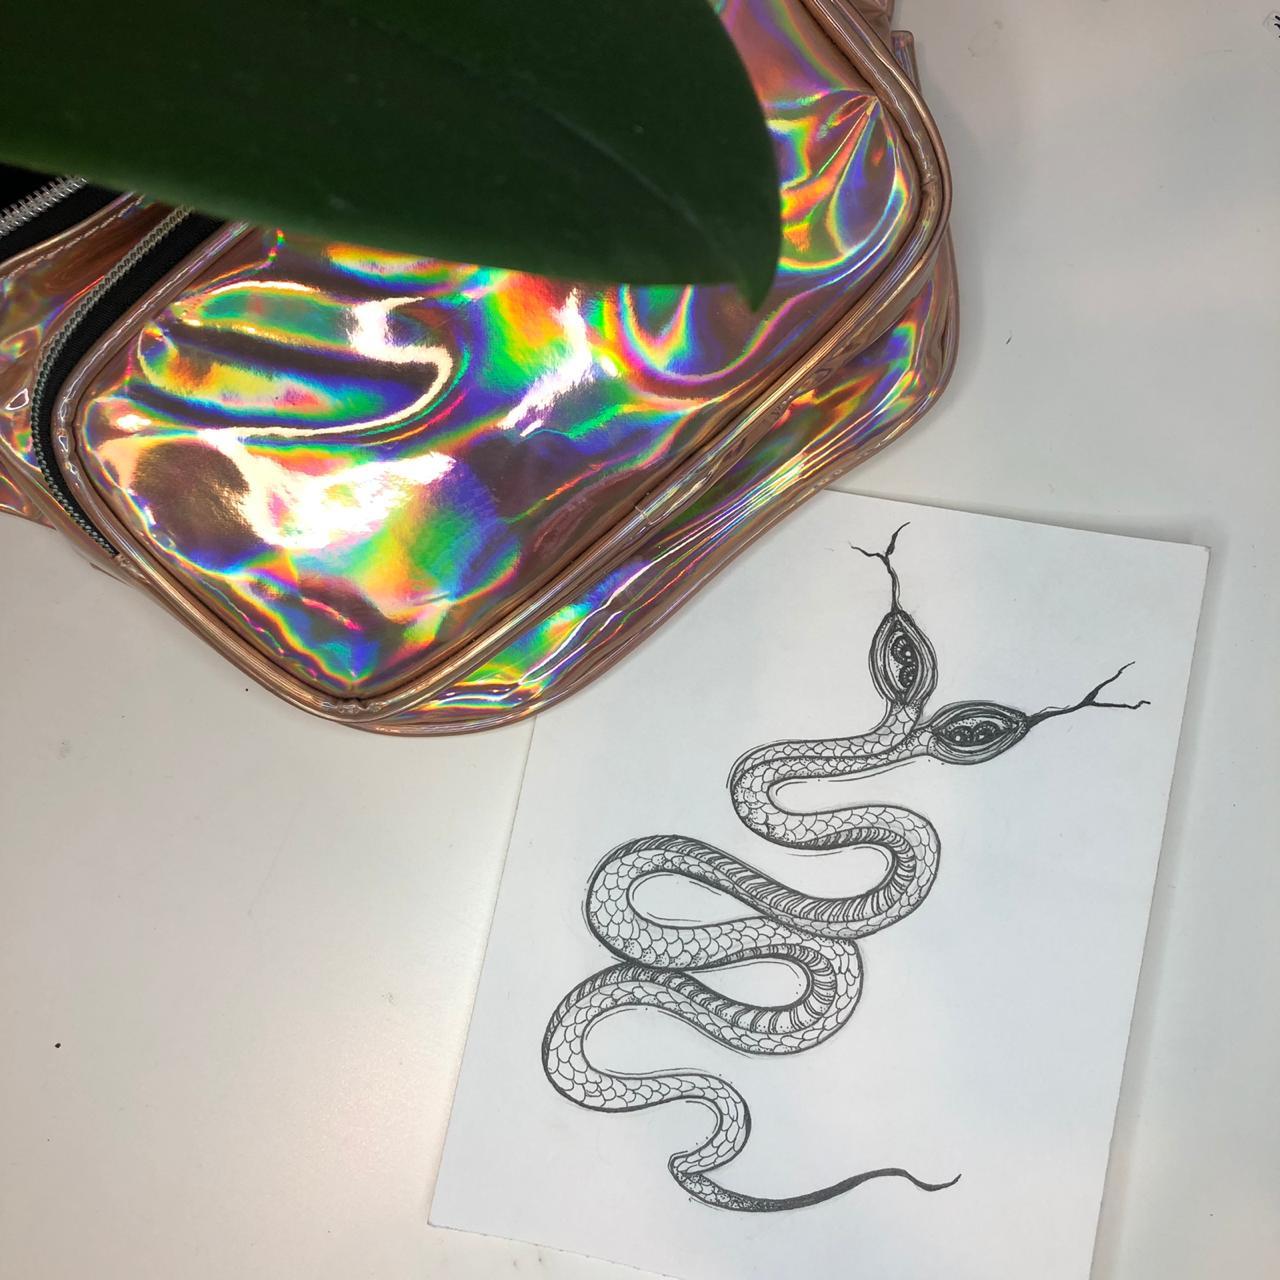 Эскиз двуглавая змея графика